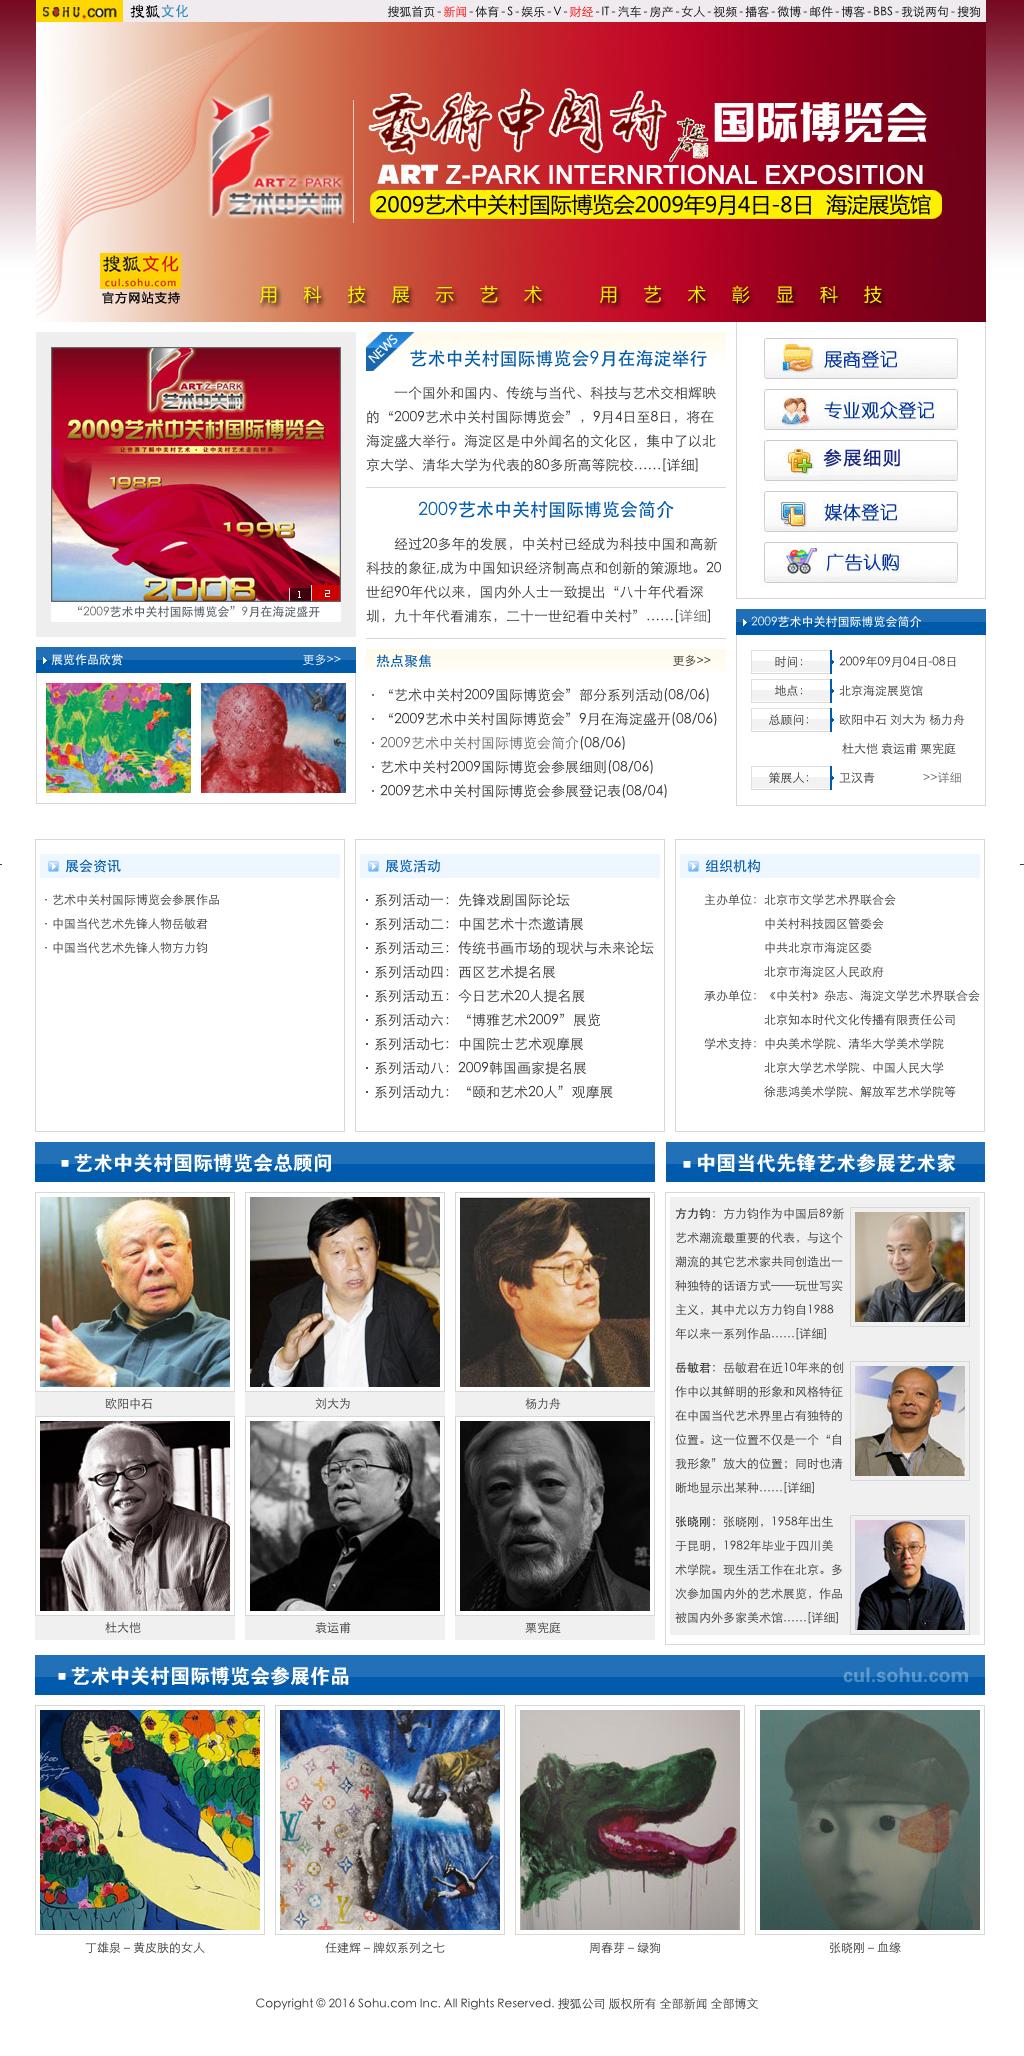 中关村国际博览会2009